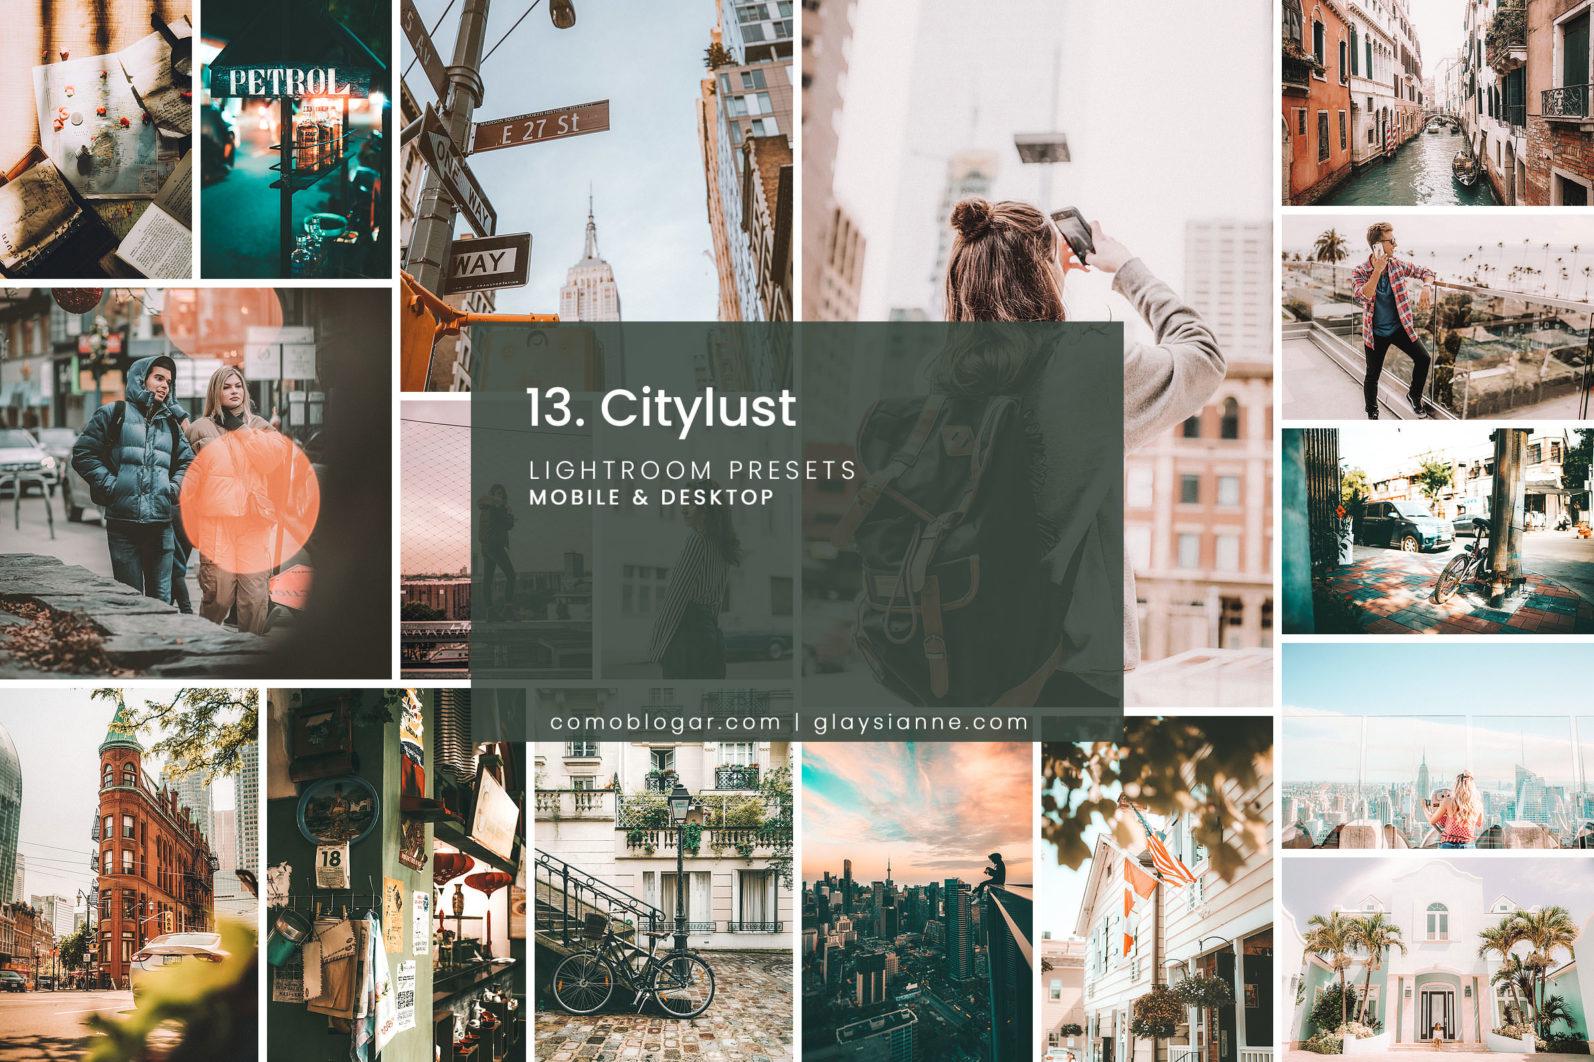 13. City Lust - Lightroom Presets - 13.CITYLUST 1 -